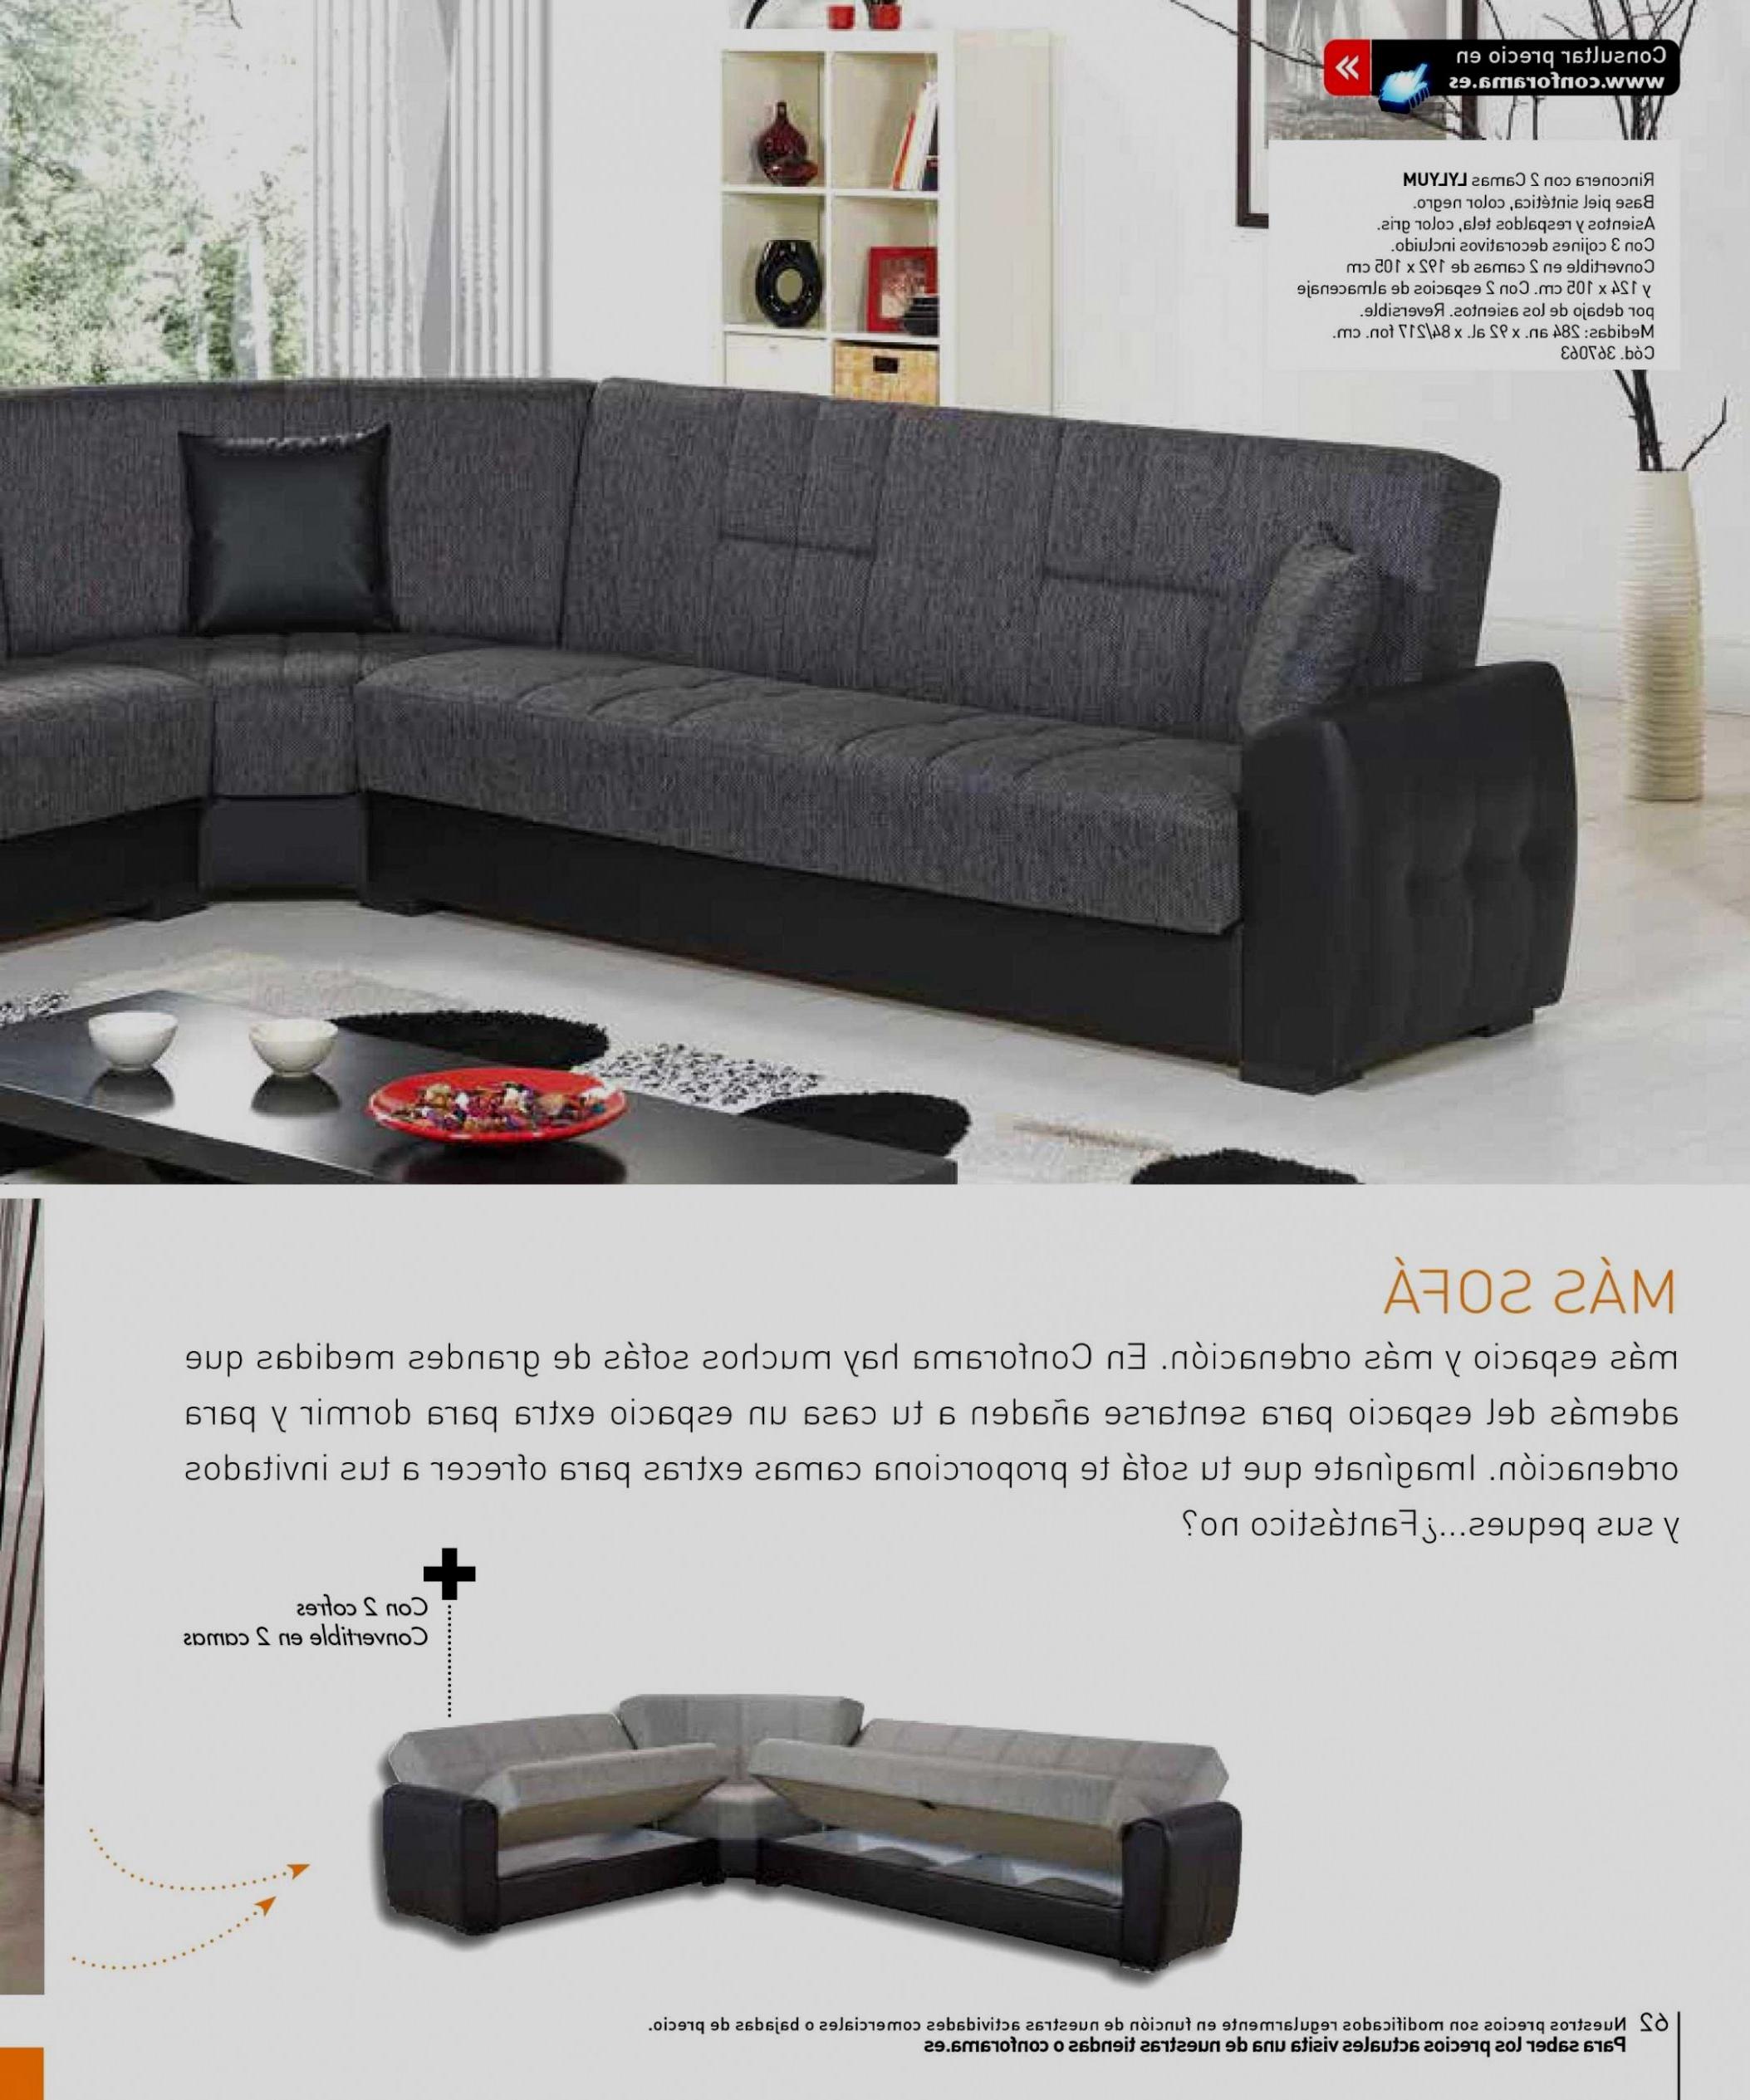 Ofertas sofas Conforama Etdg sofas Conforama Ofertas Bello sofas Alicante Liquidacion